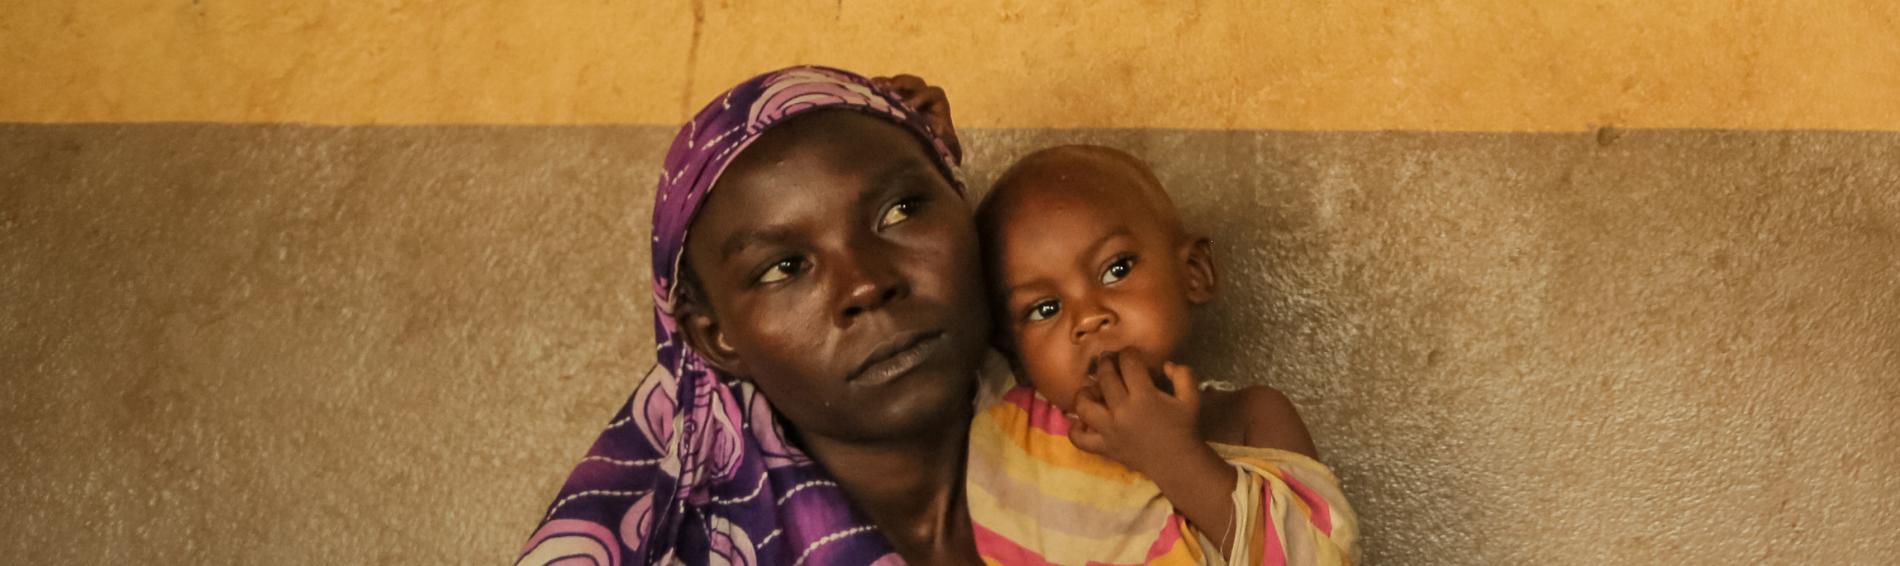 Frauen und Kinder sind von der erschreckenden Situation in Zentralafrika besonders gezeichent. Foto: Sébastien Duijndam